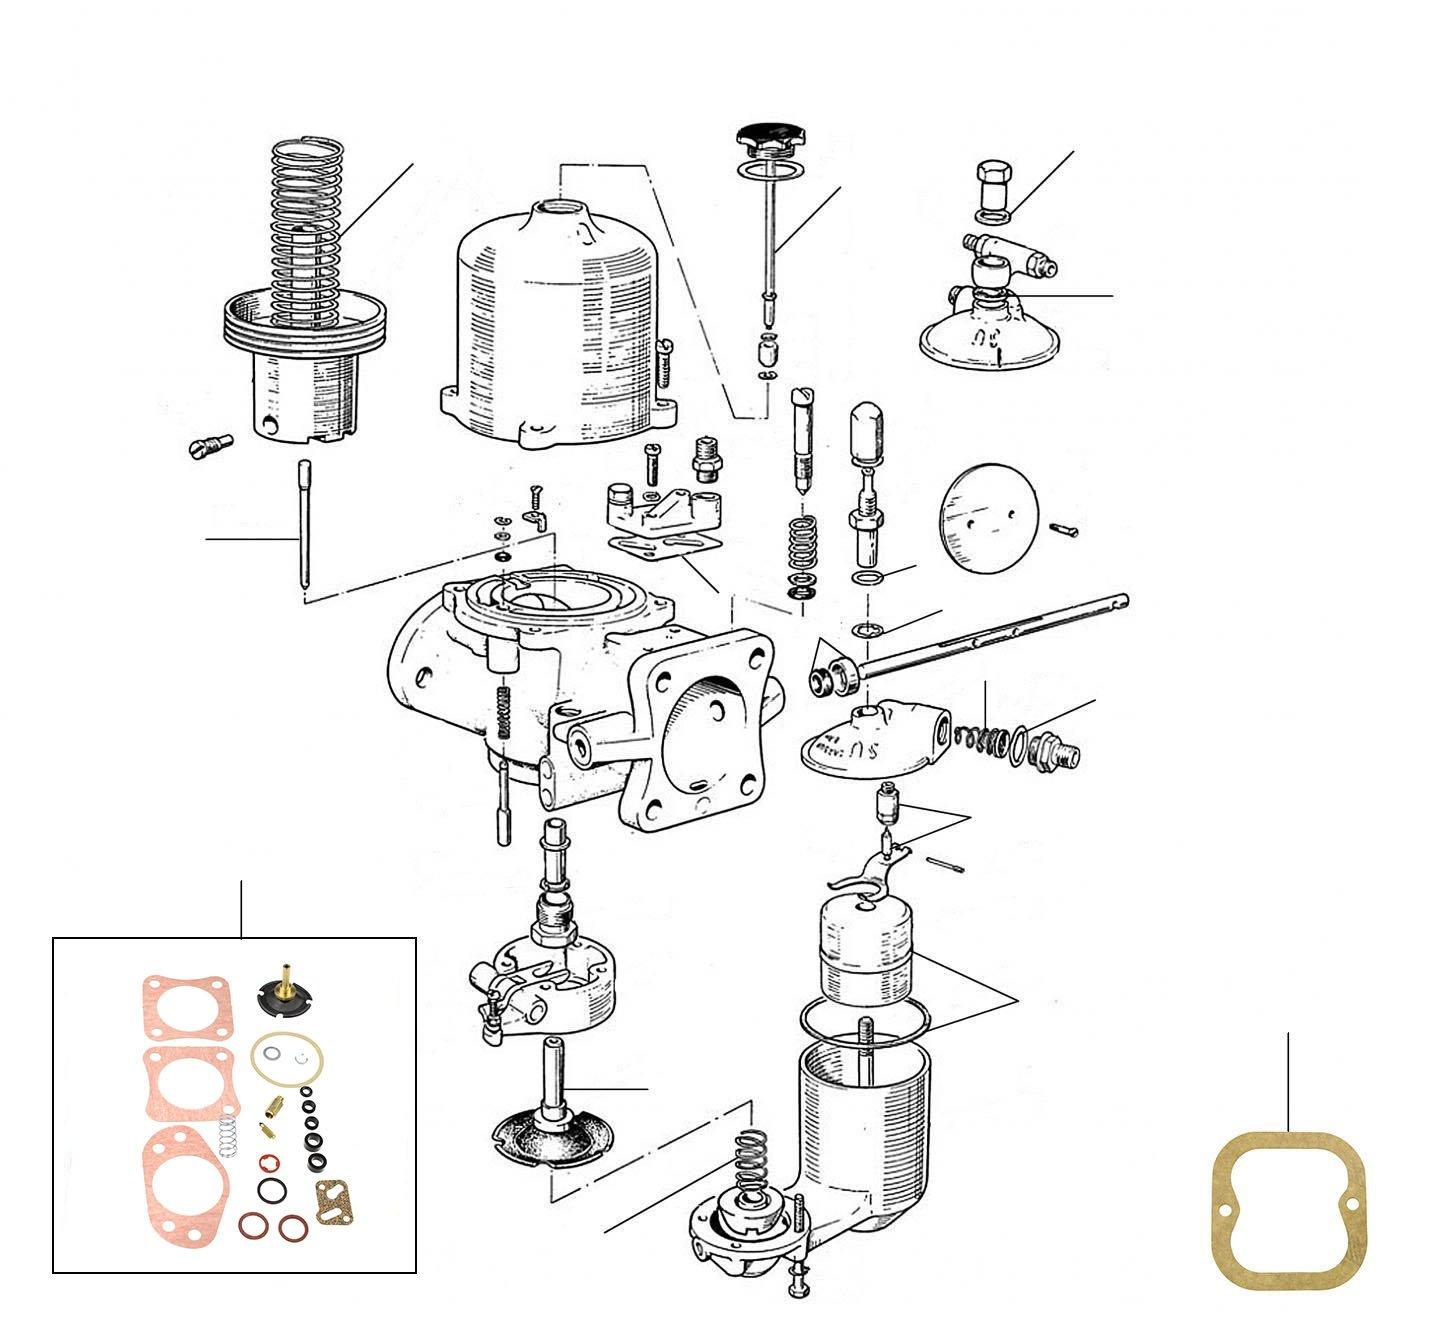 30922 Carburettor 06001-7324 - VIN 06001 till 07324